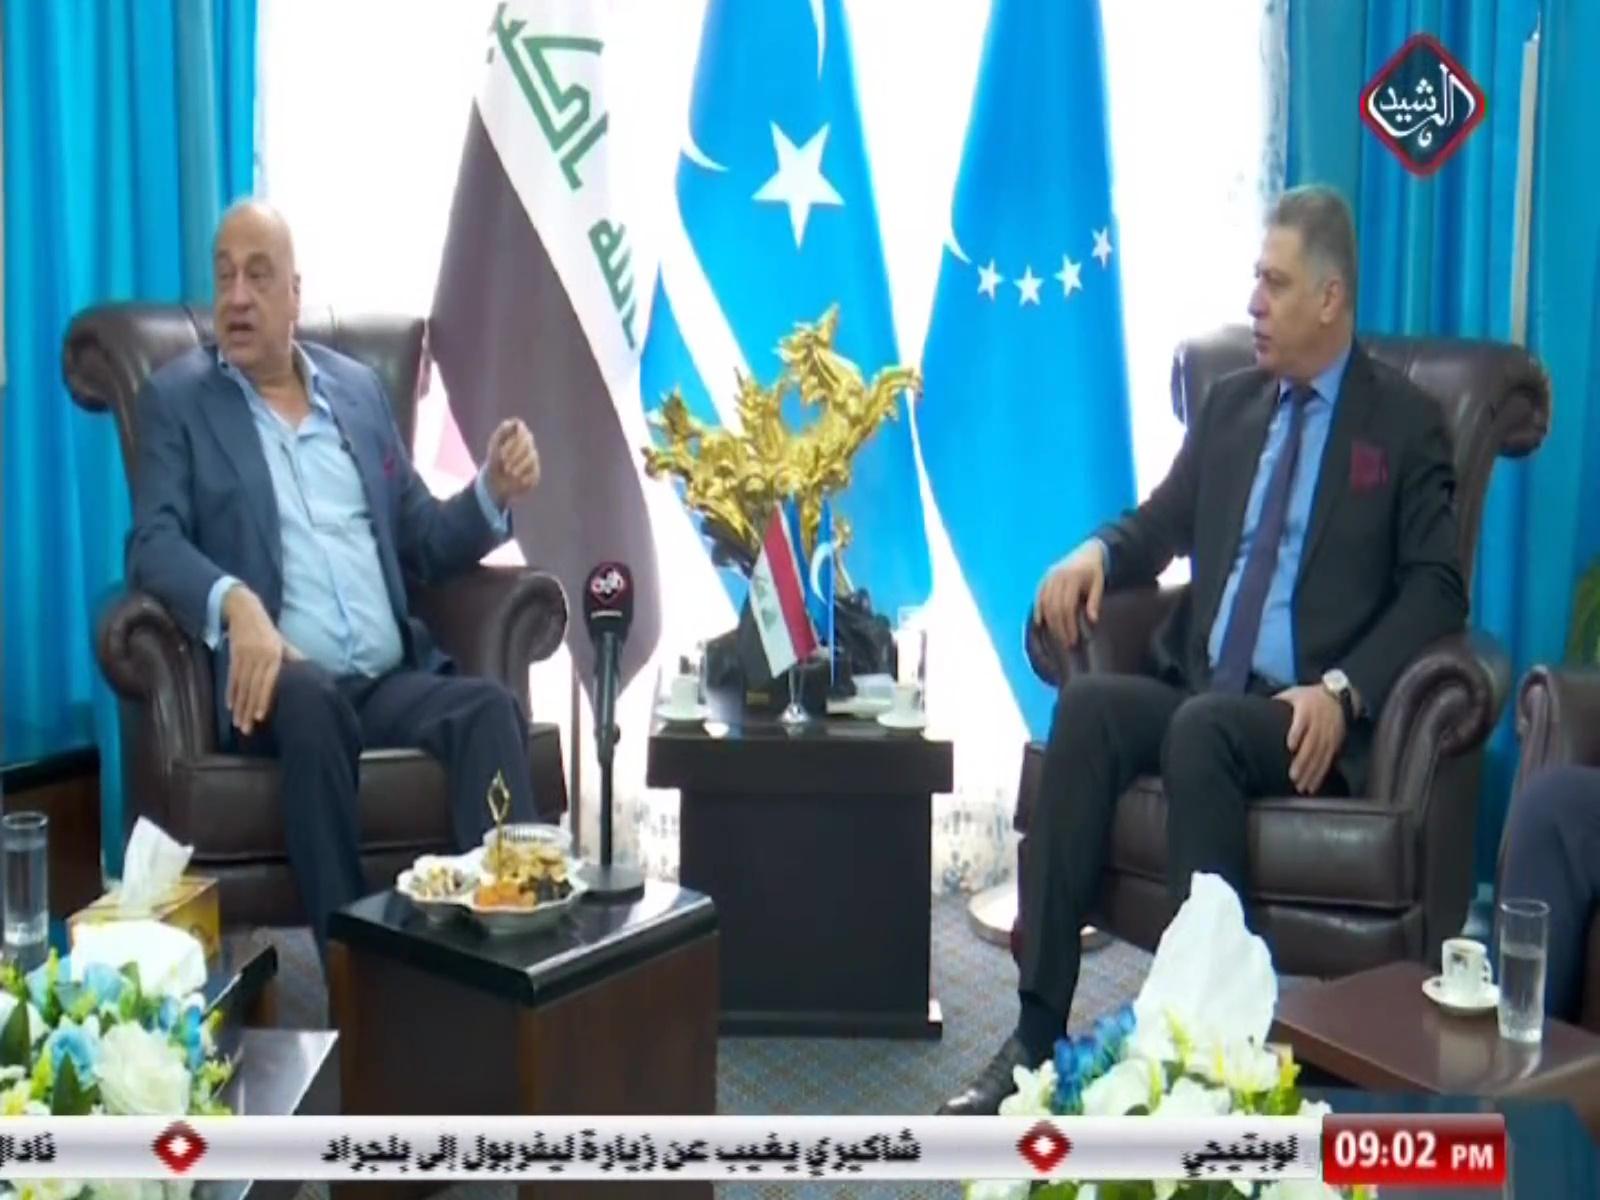 الاستاذ سعد عاصم الجنابي يلتقي رئيس الجبهة التركمانية ارشد الصالحي لبحث القضايا السياسية وفي مقدمتها كركوك